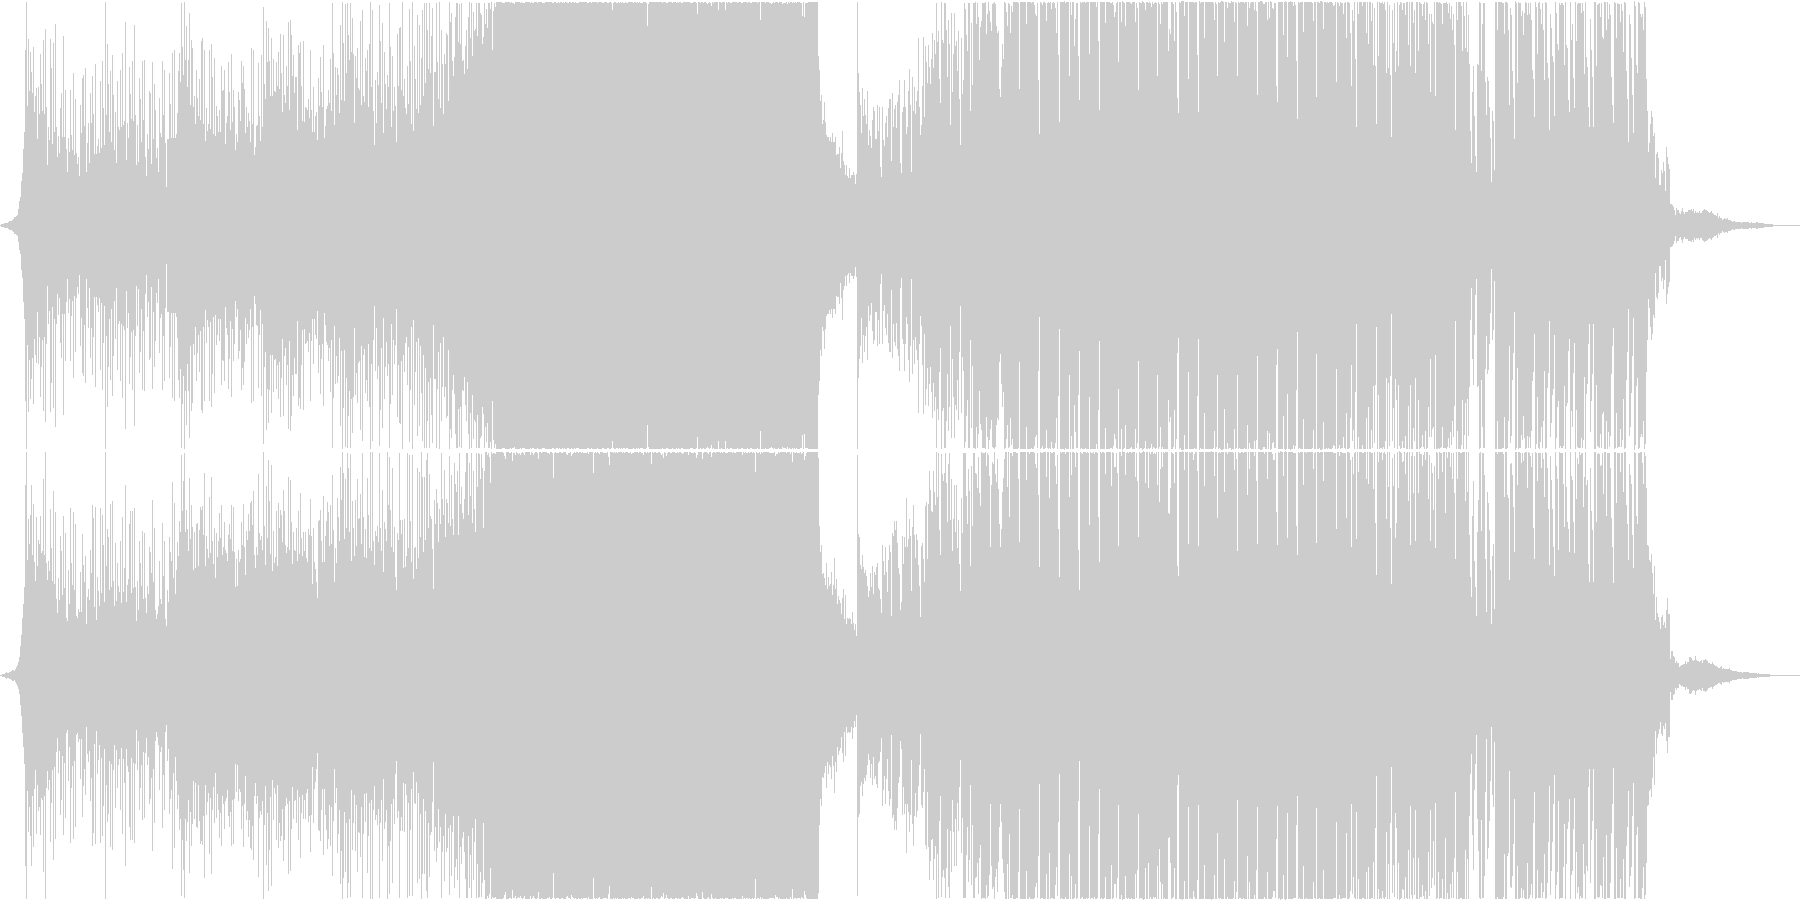 カノン 結婚式 アレンジ EDM ハウスの未再生の波形